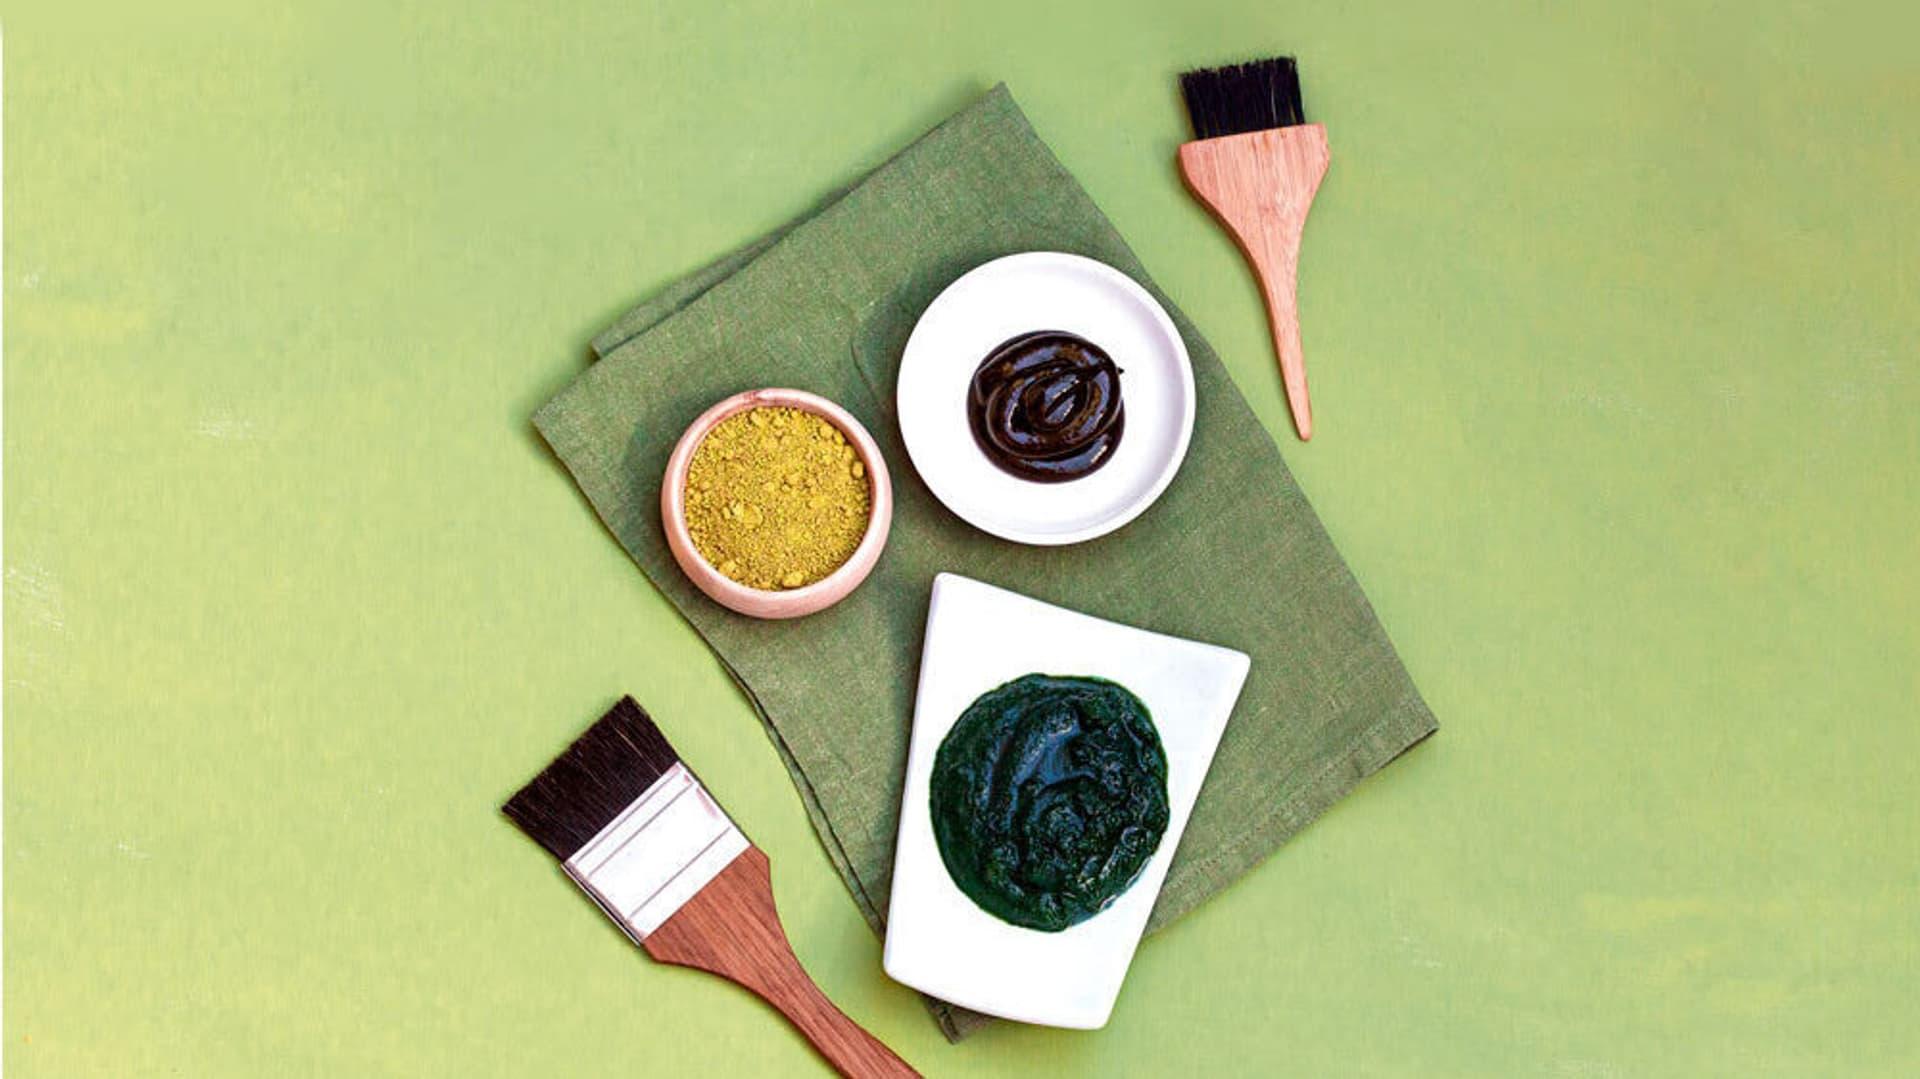 Haarfärbermitteln auf hellgrünem Untergrund